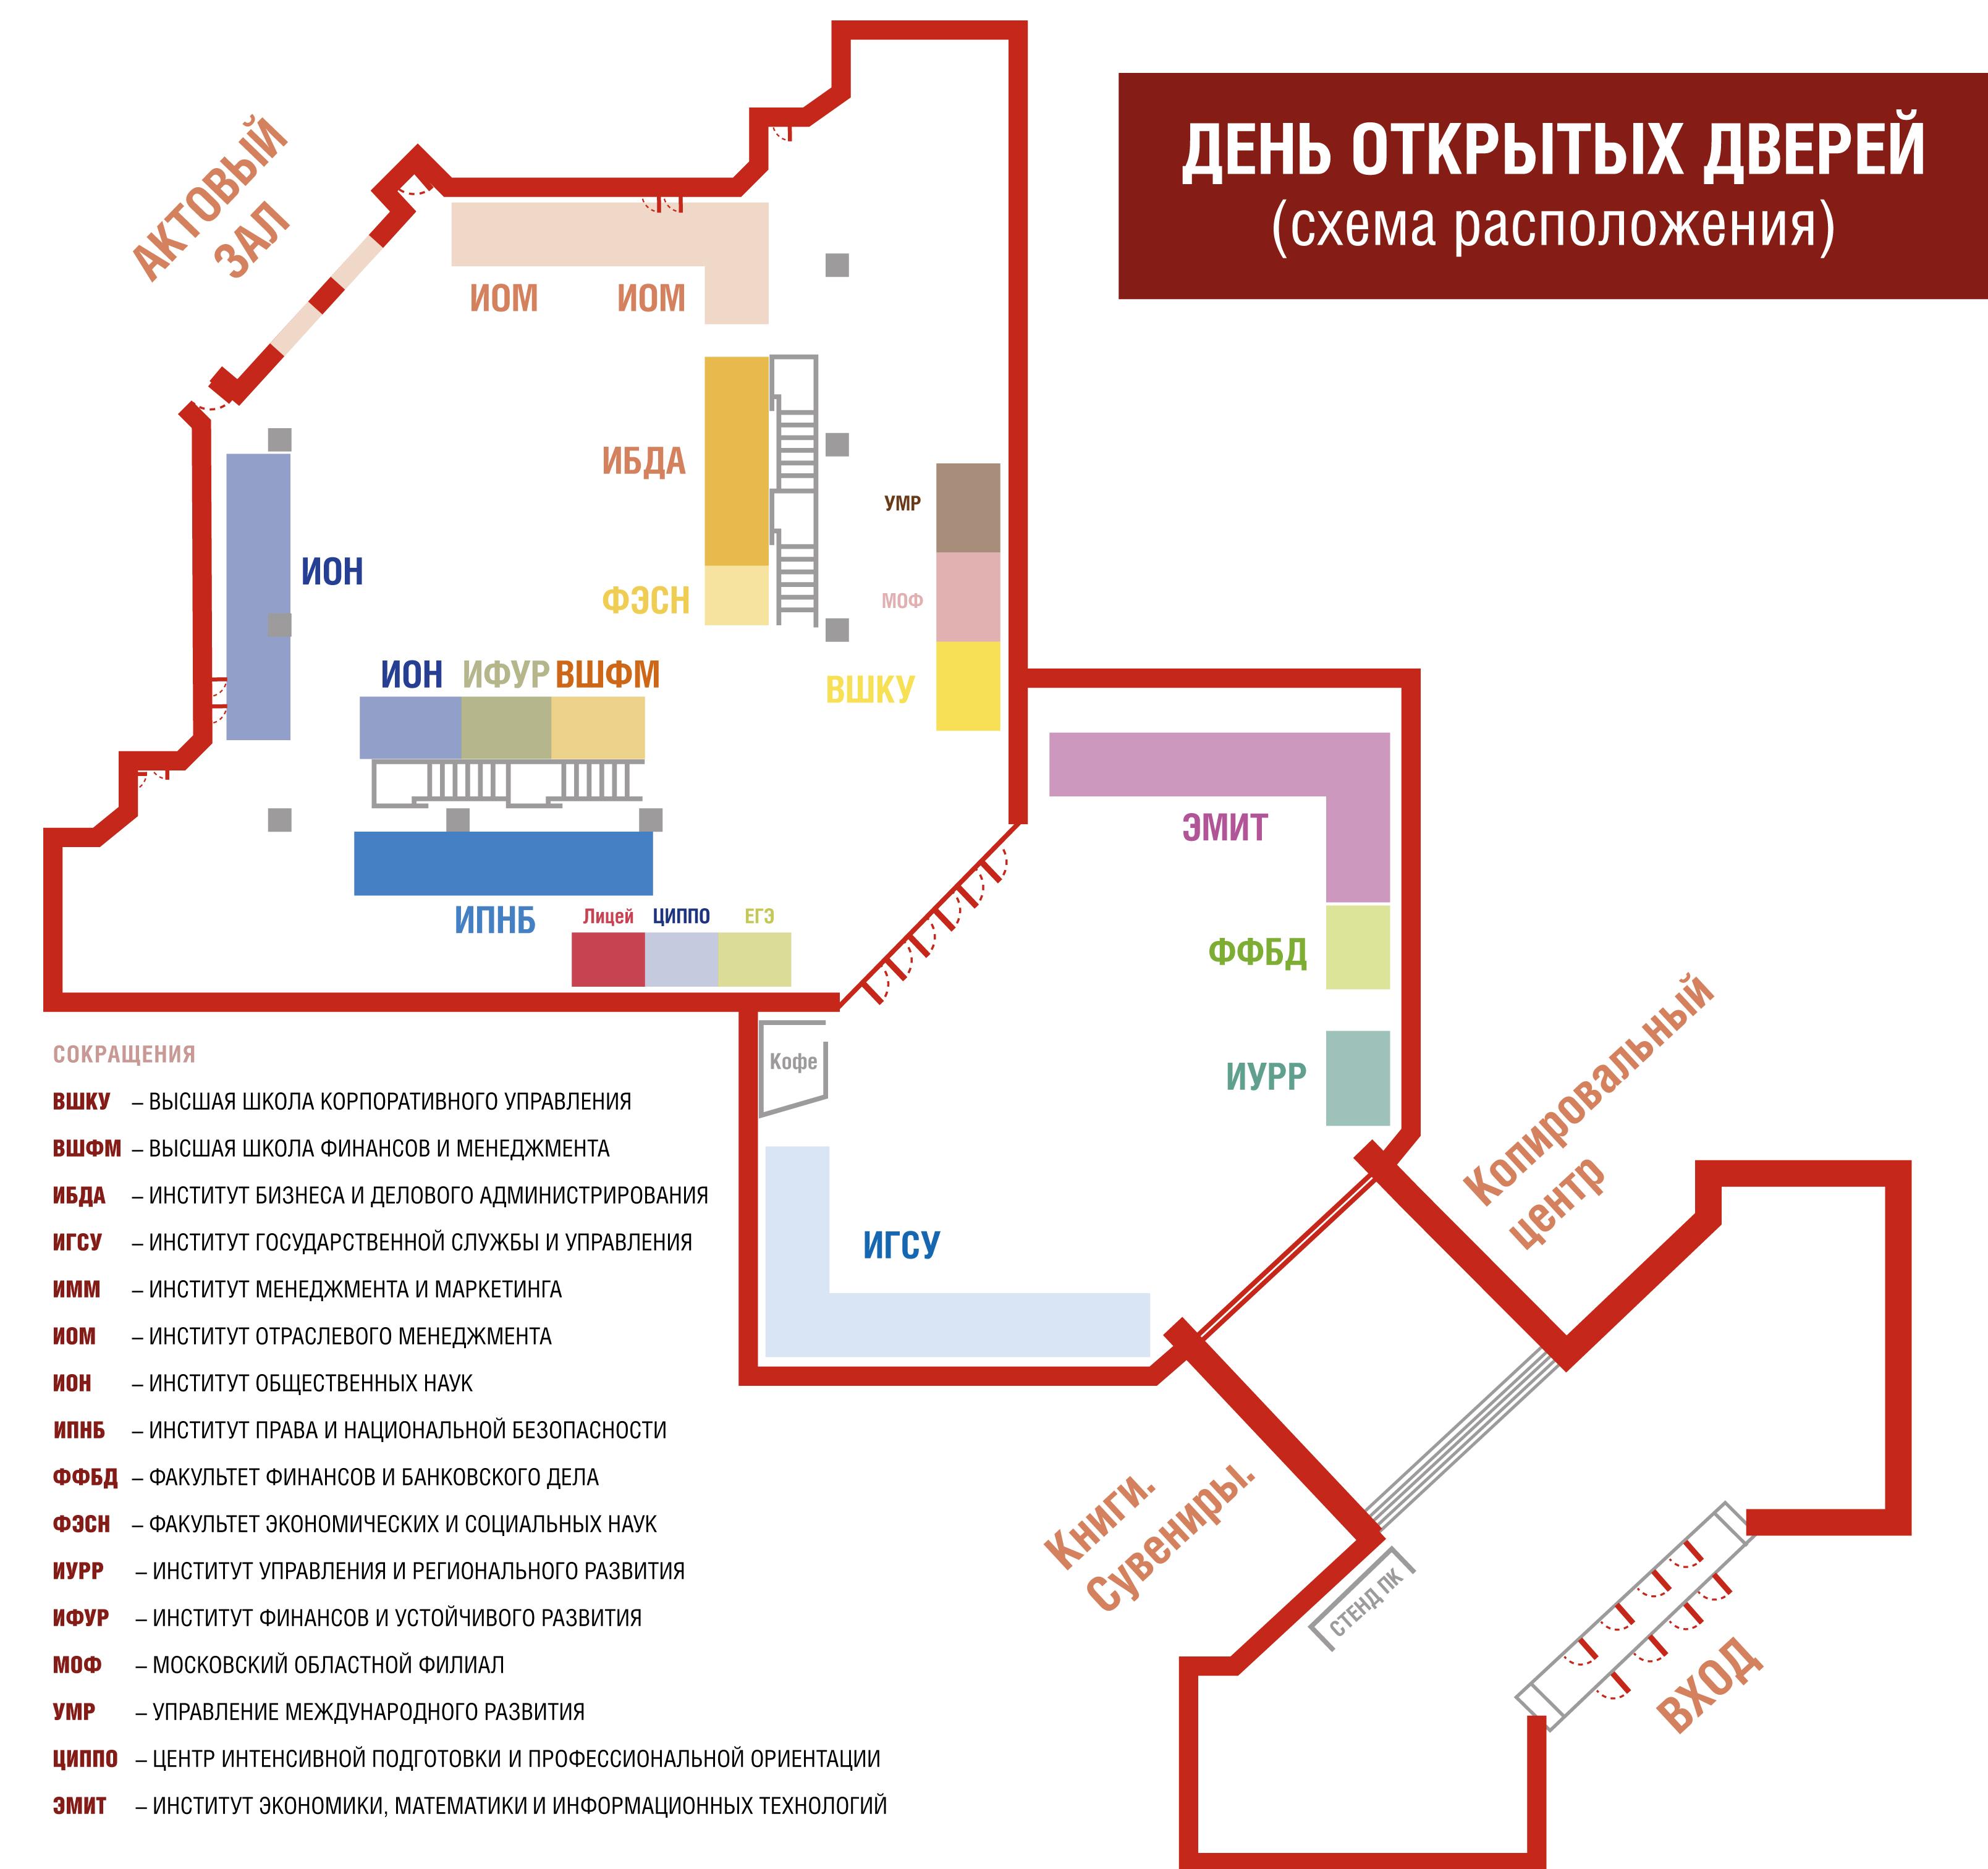 PLAN SXEMA PK2018 v2